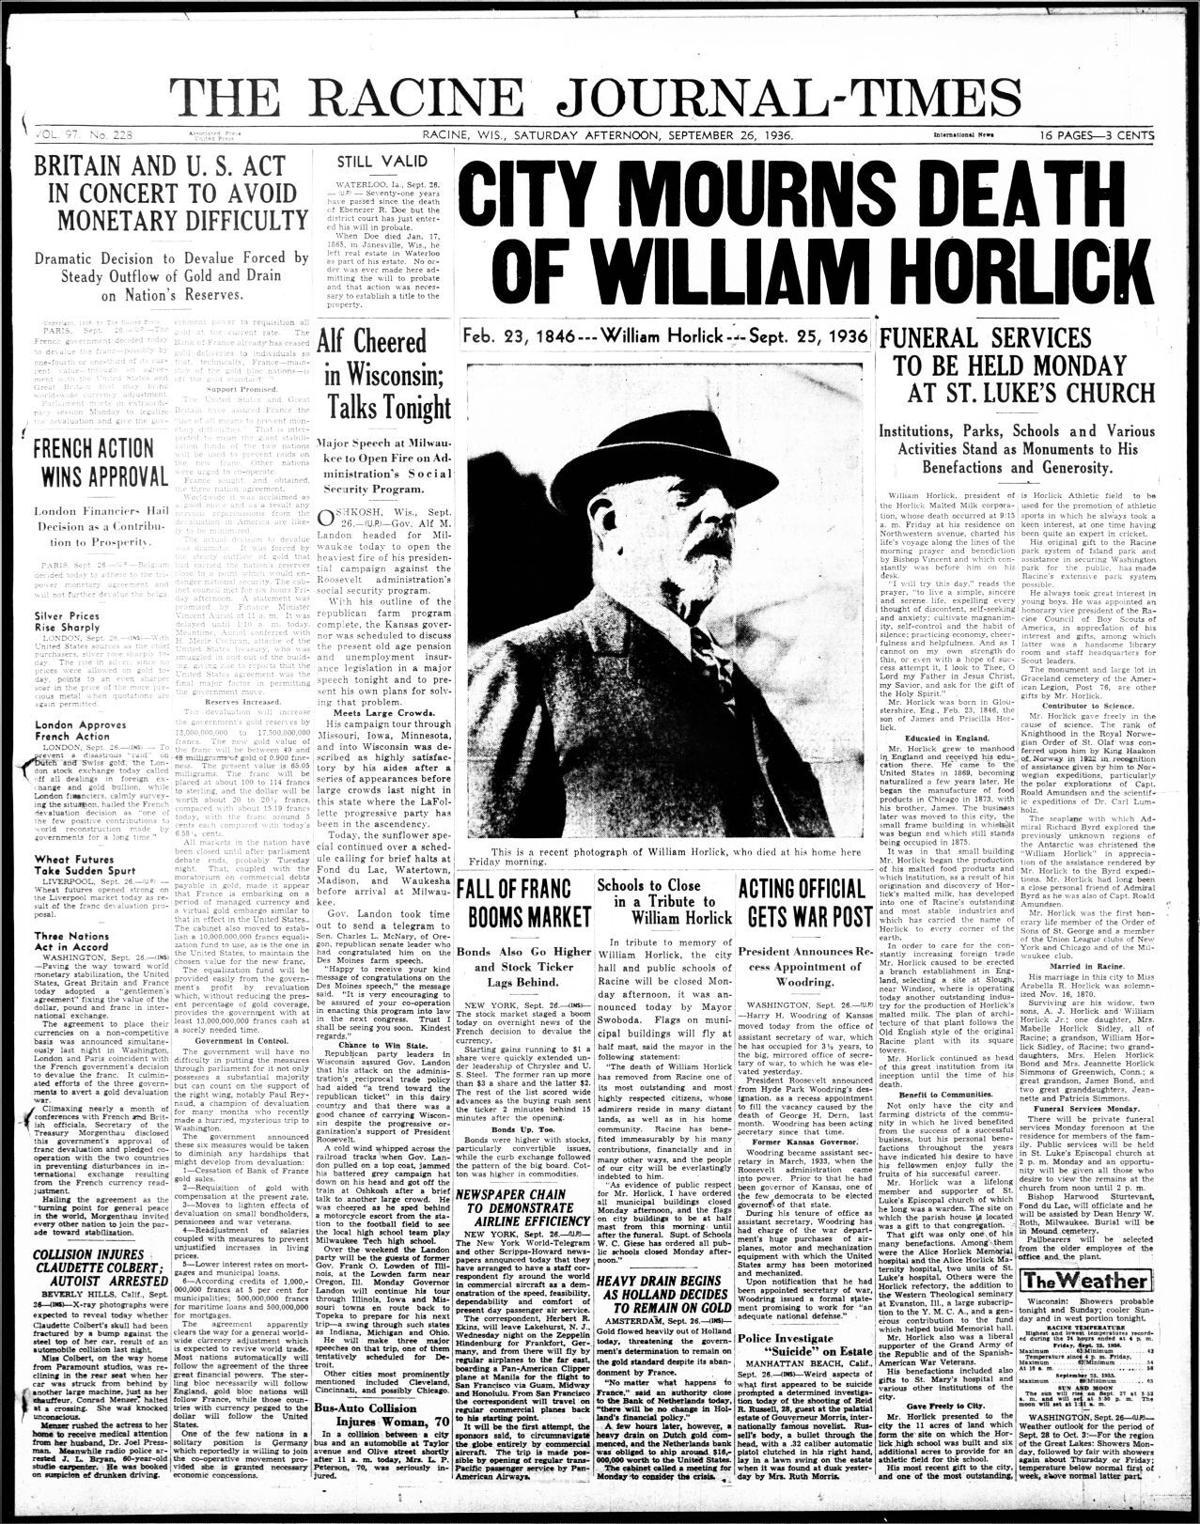 Racine Journal Times - Death of William Horlick